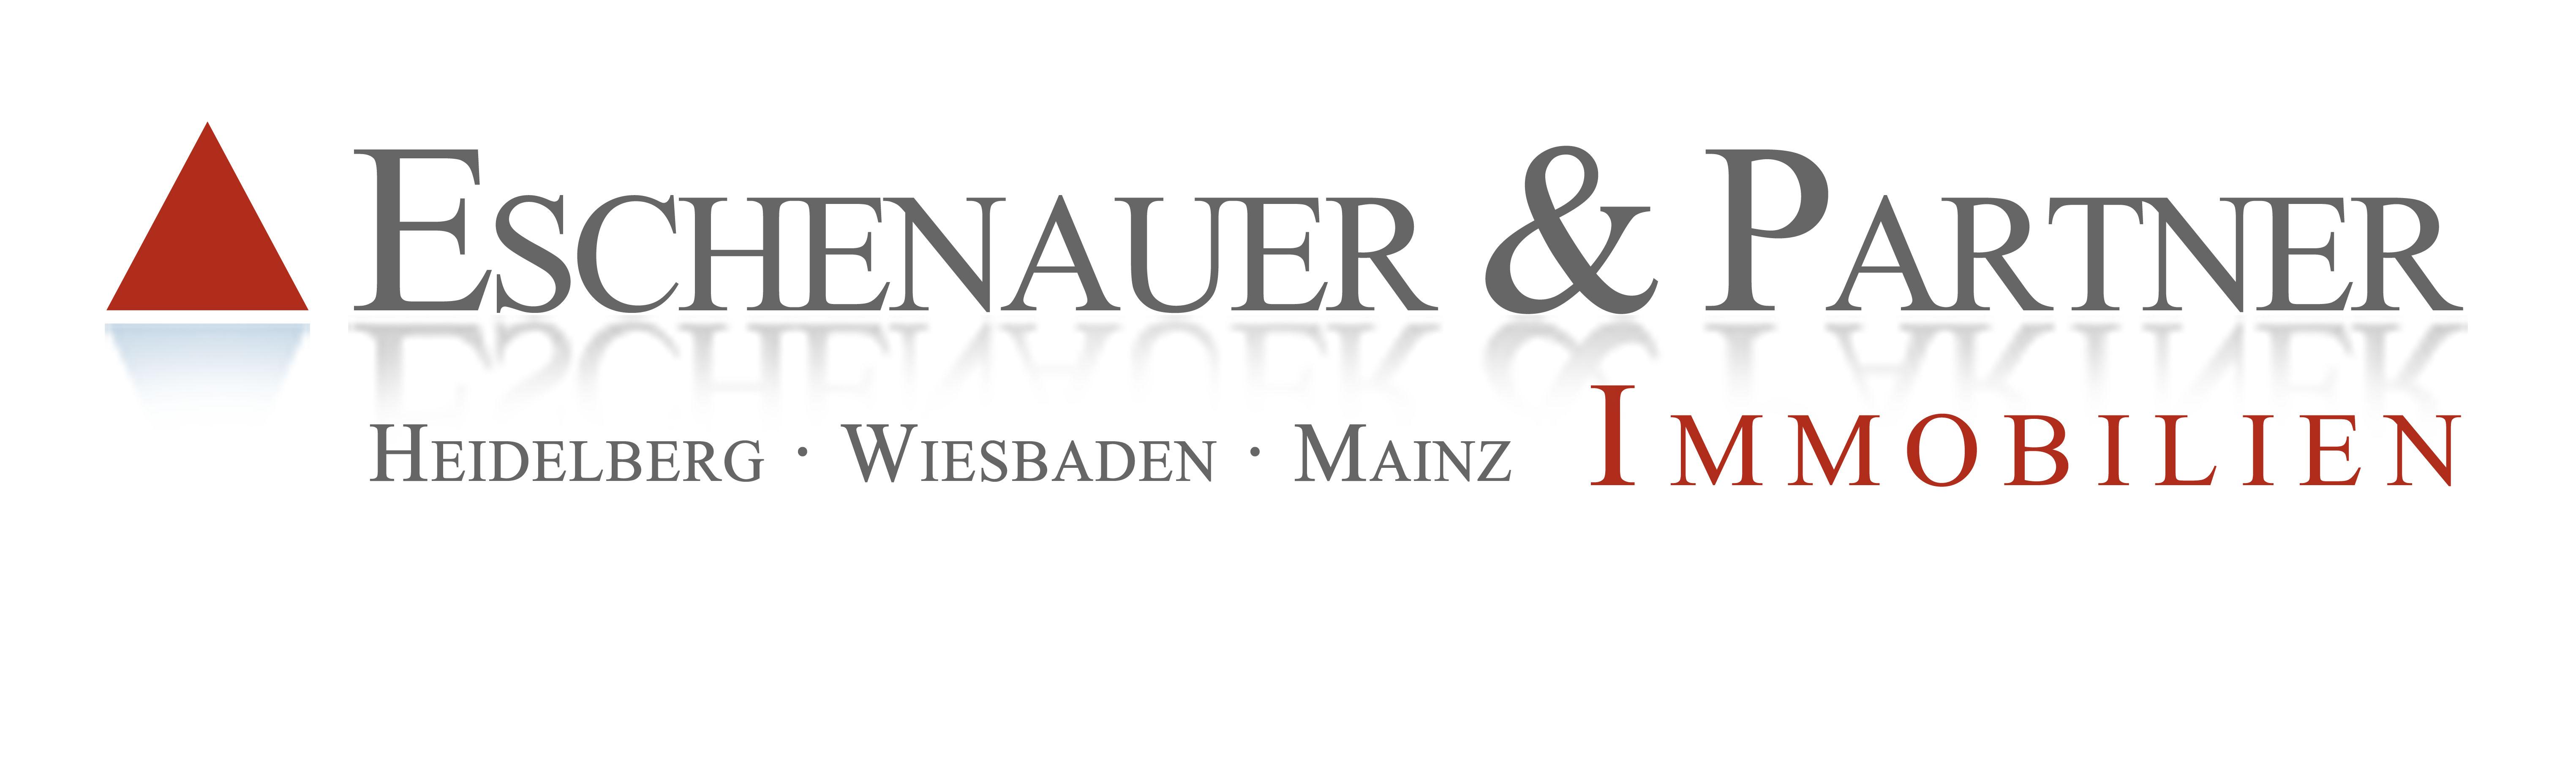 Hier sehen Sie das Logo von Eschenauer & Partner Immobilien